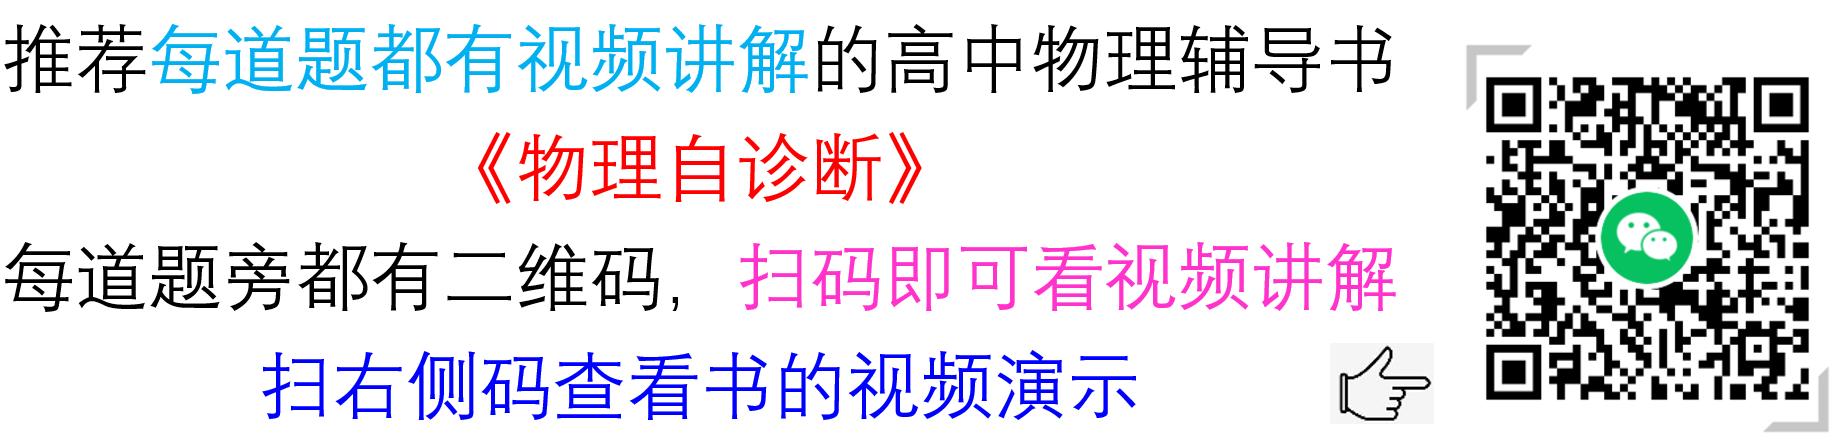 王尚老师物理自诊断